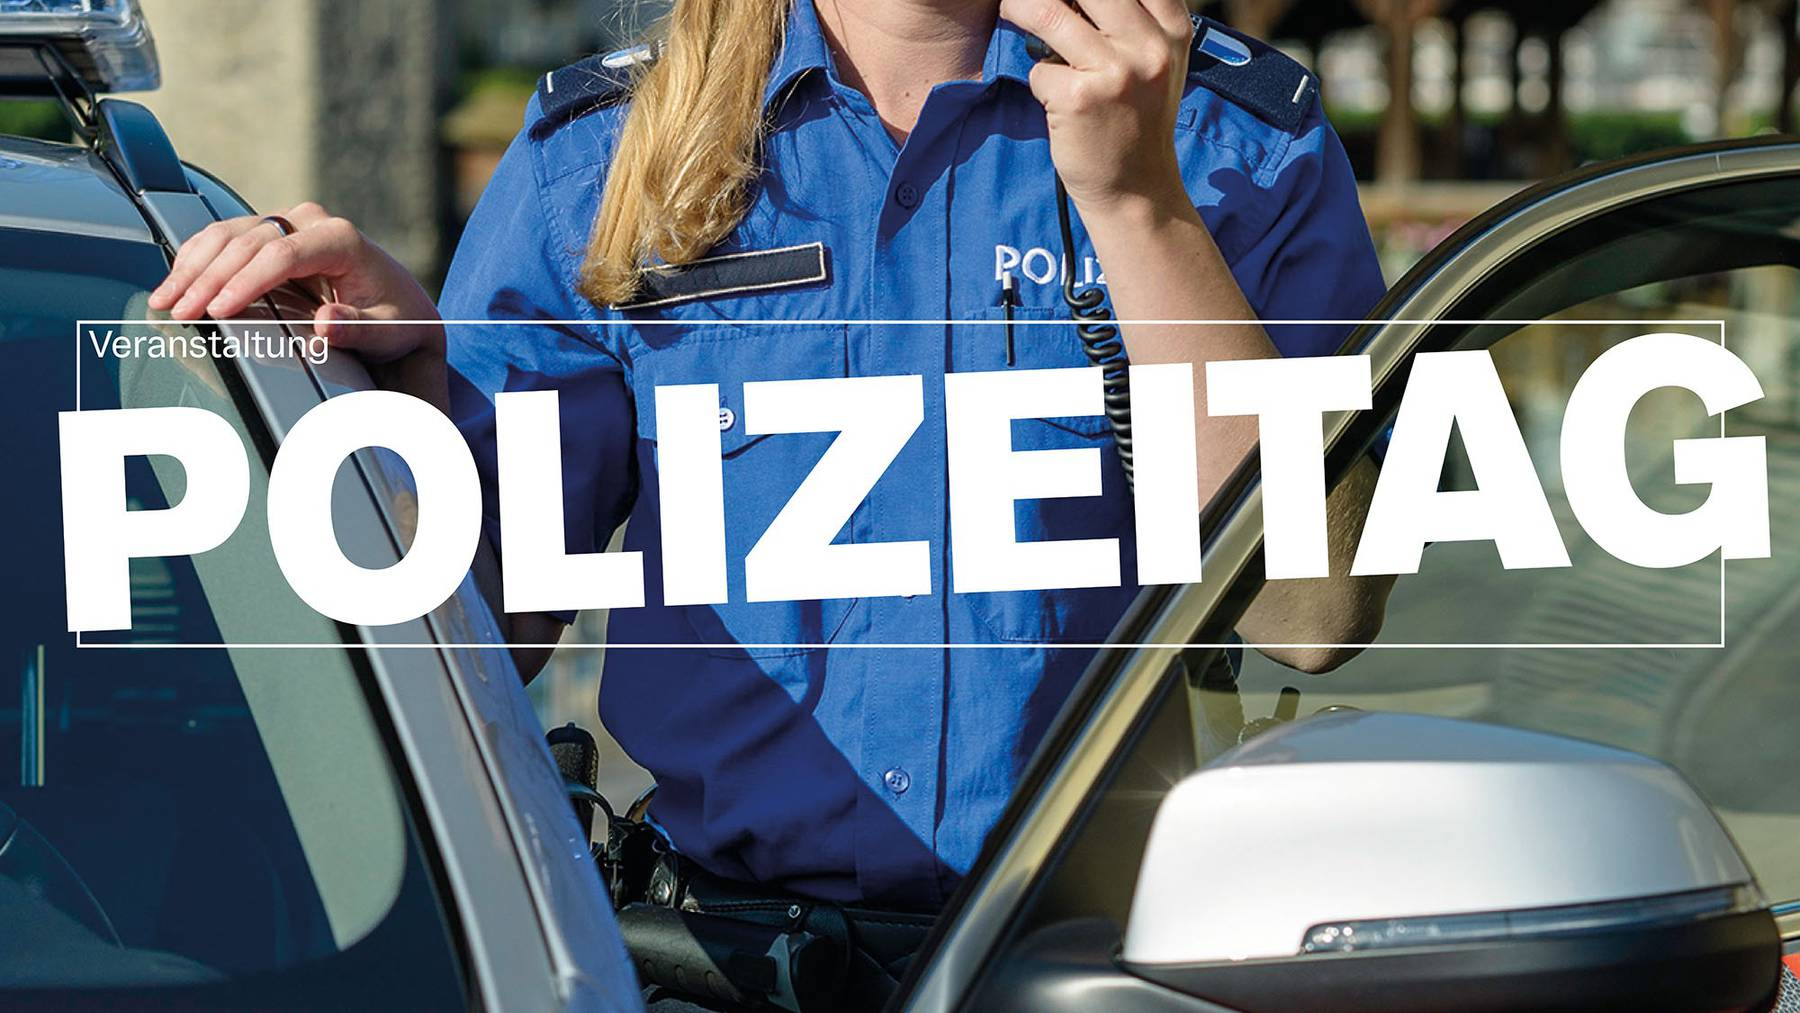 Polizei-Erlebnistag in Luzern